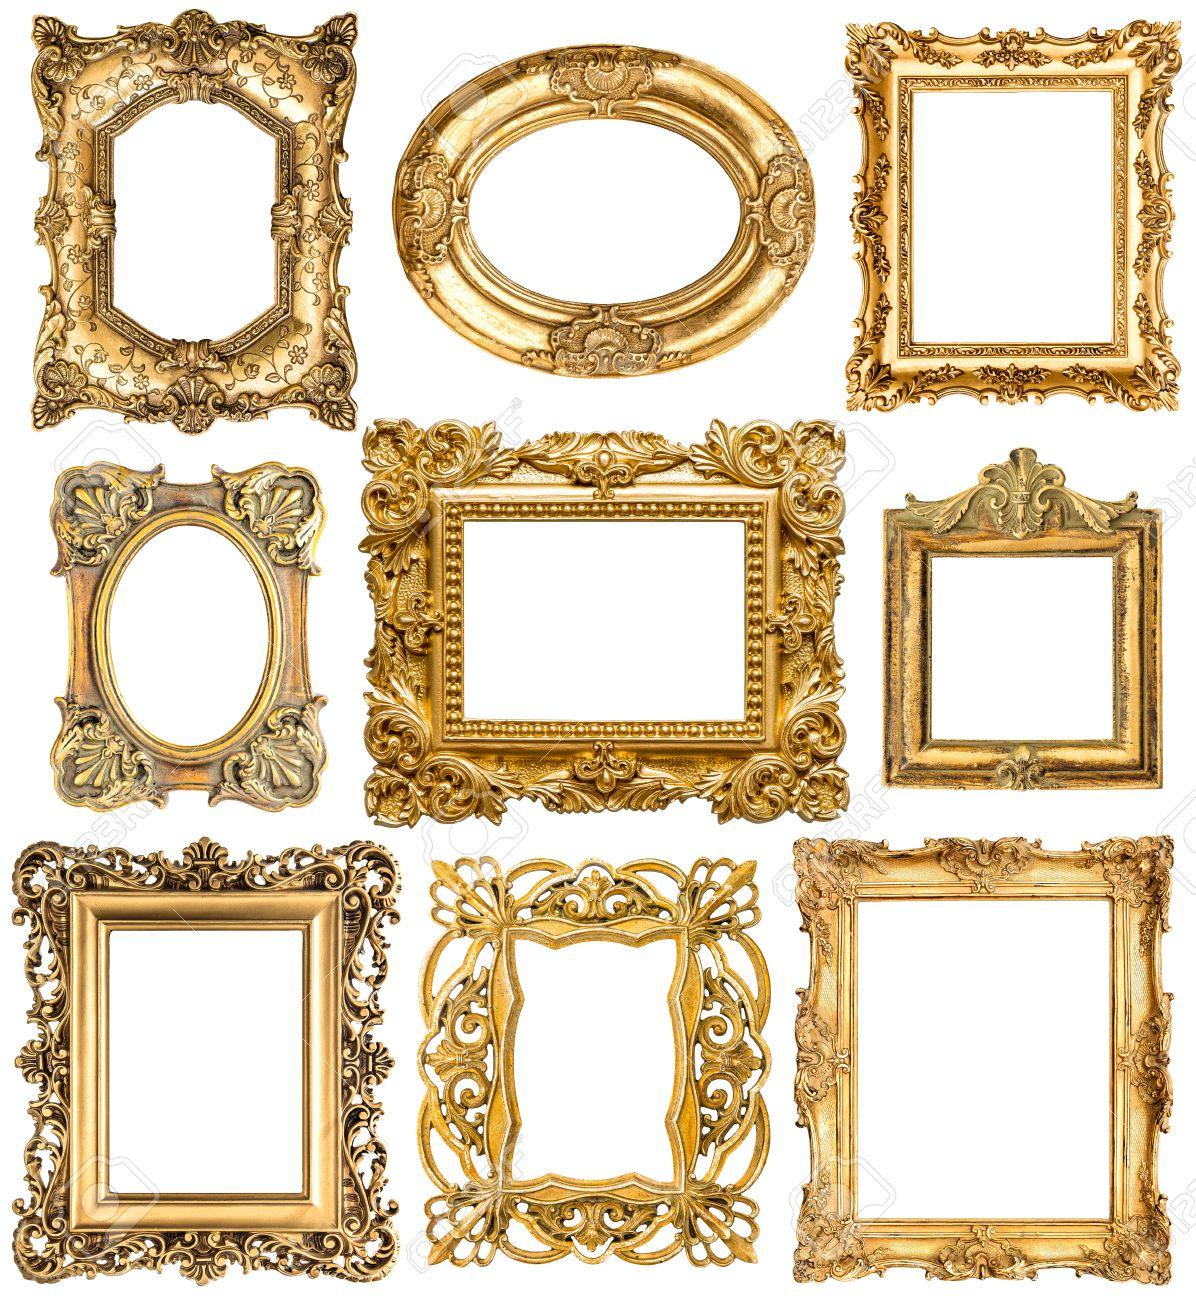 Goldenen Rahmen Auf Weißem Hintergrund. Barock-Stil Vintage-Objekte ...